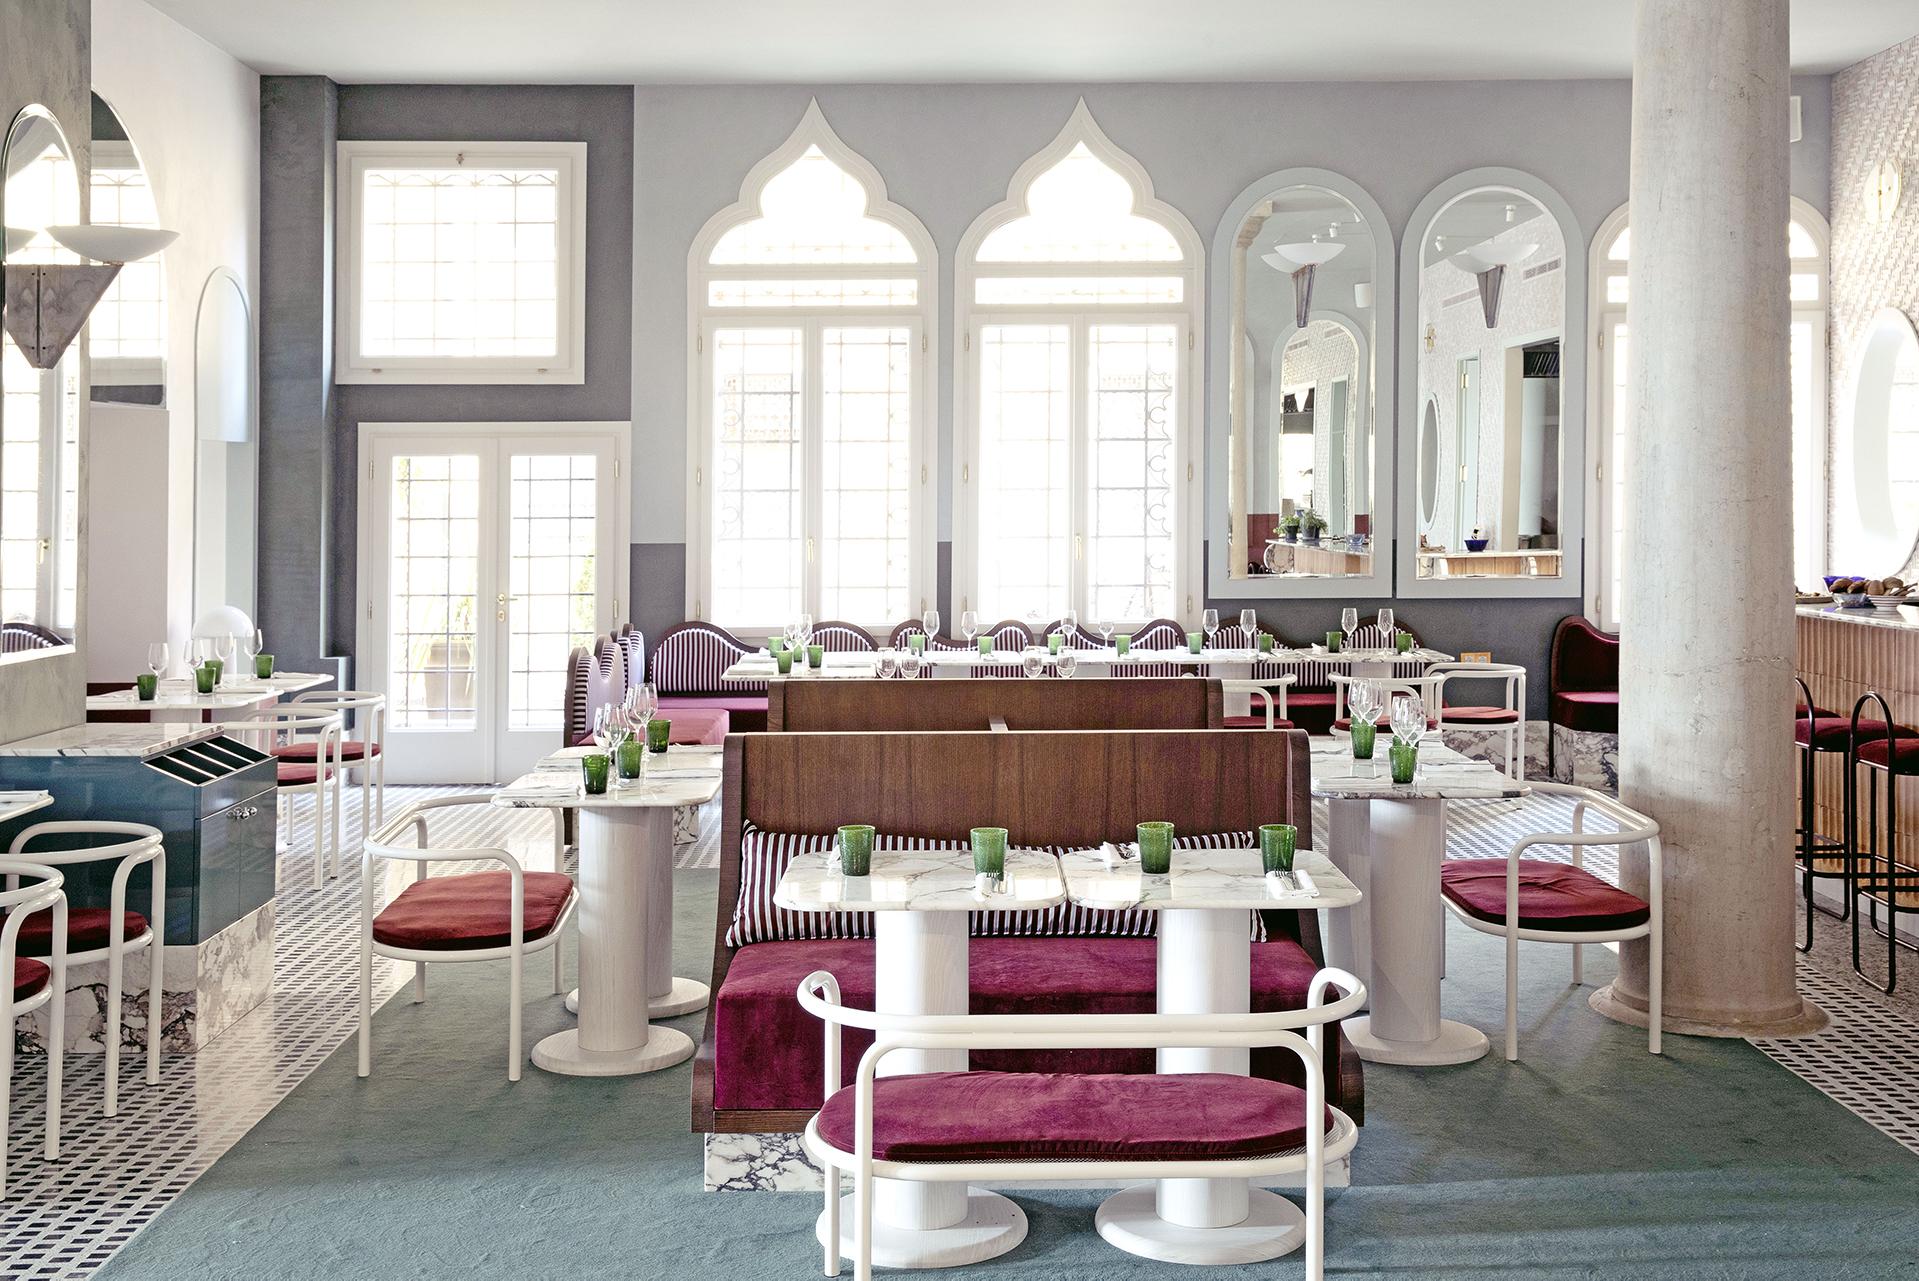 ristorante 3 il palazzo experimental hotel venezia